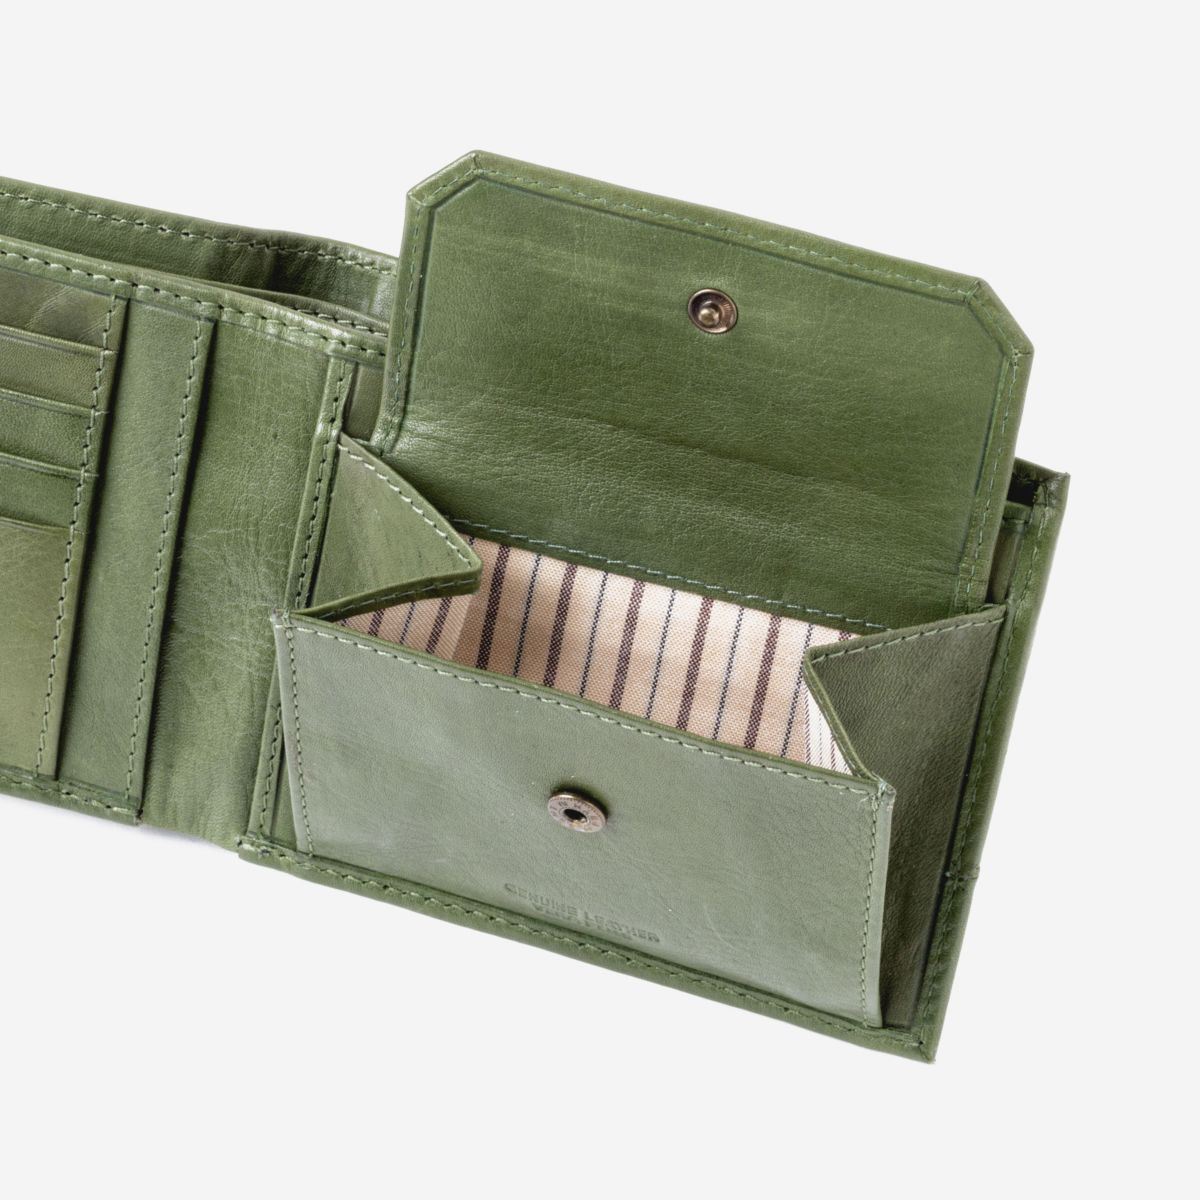 DuDu ארנק עור איכותי עם תא למטבעות - ירוק